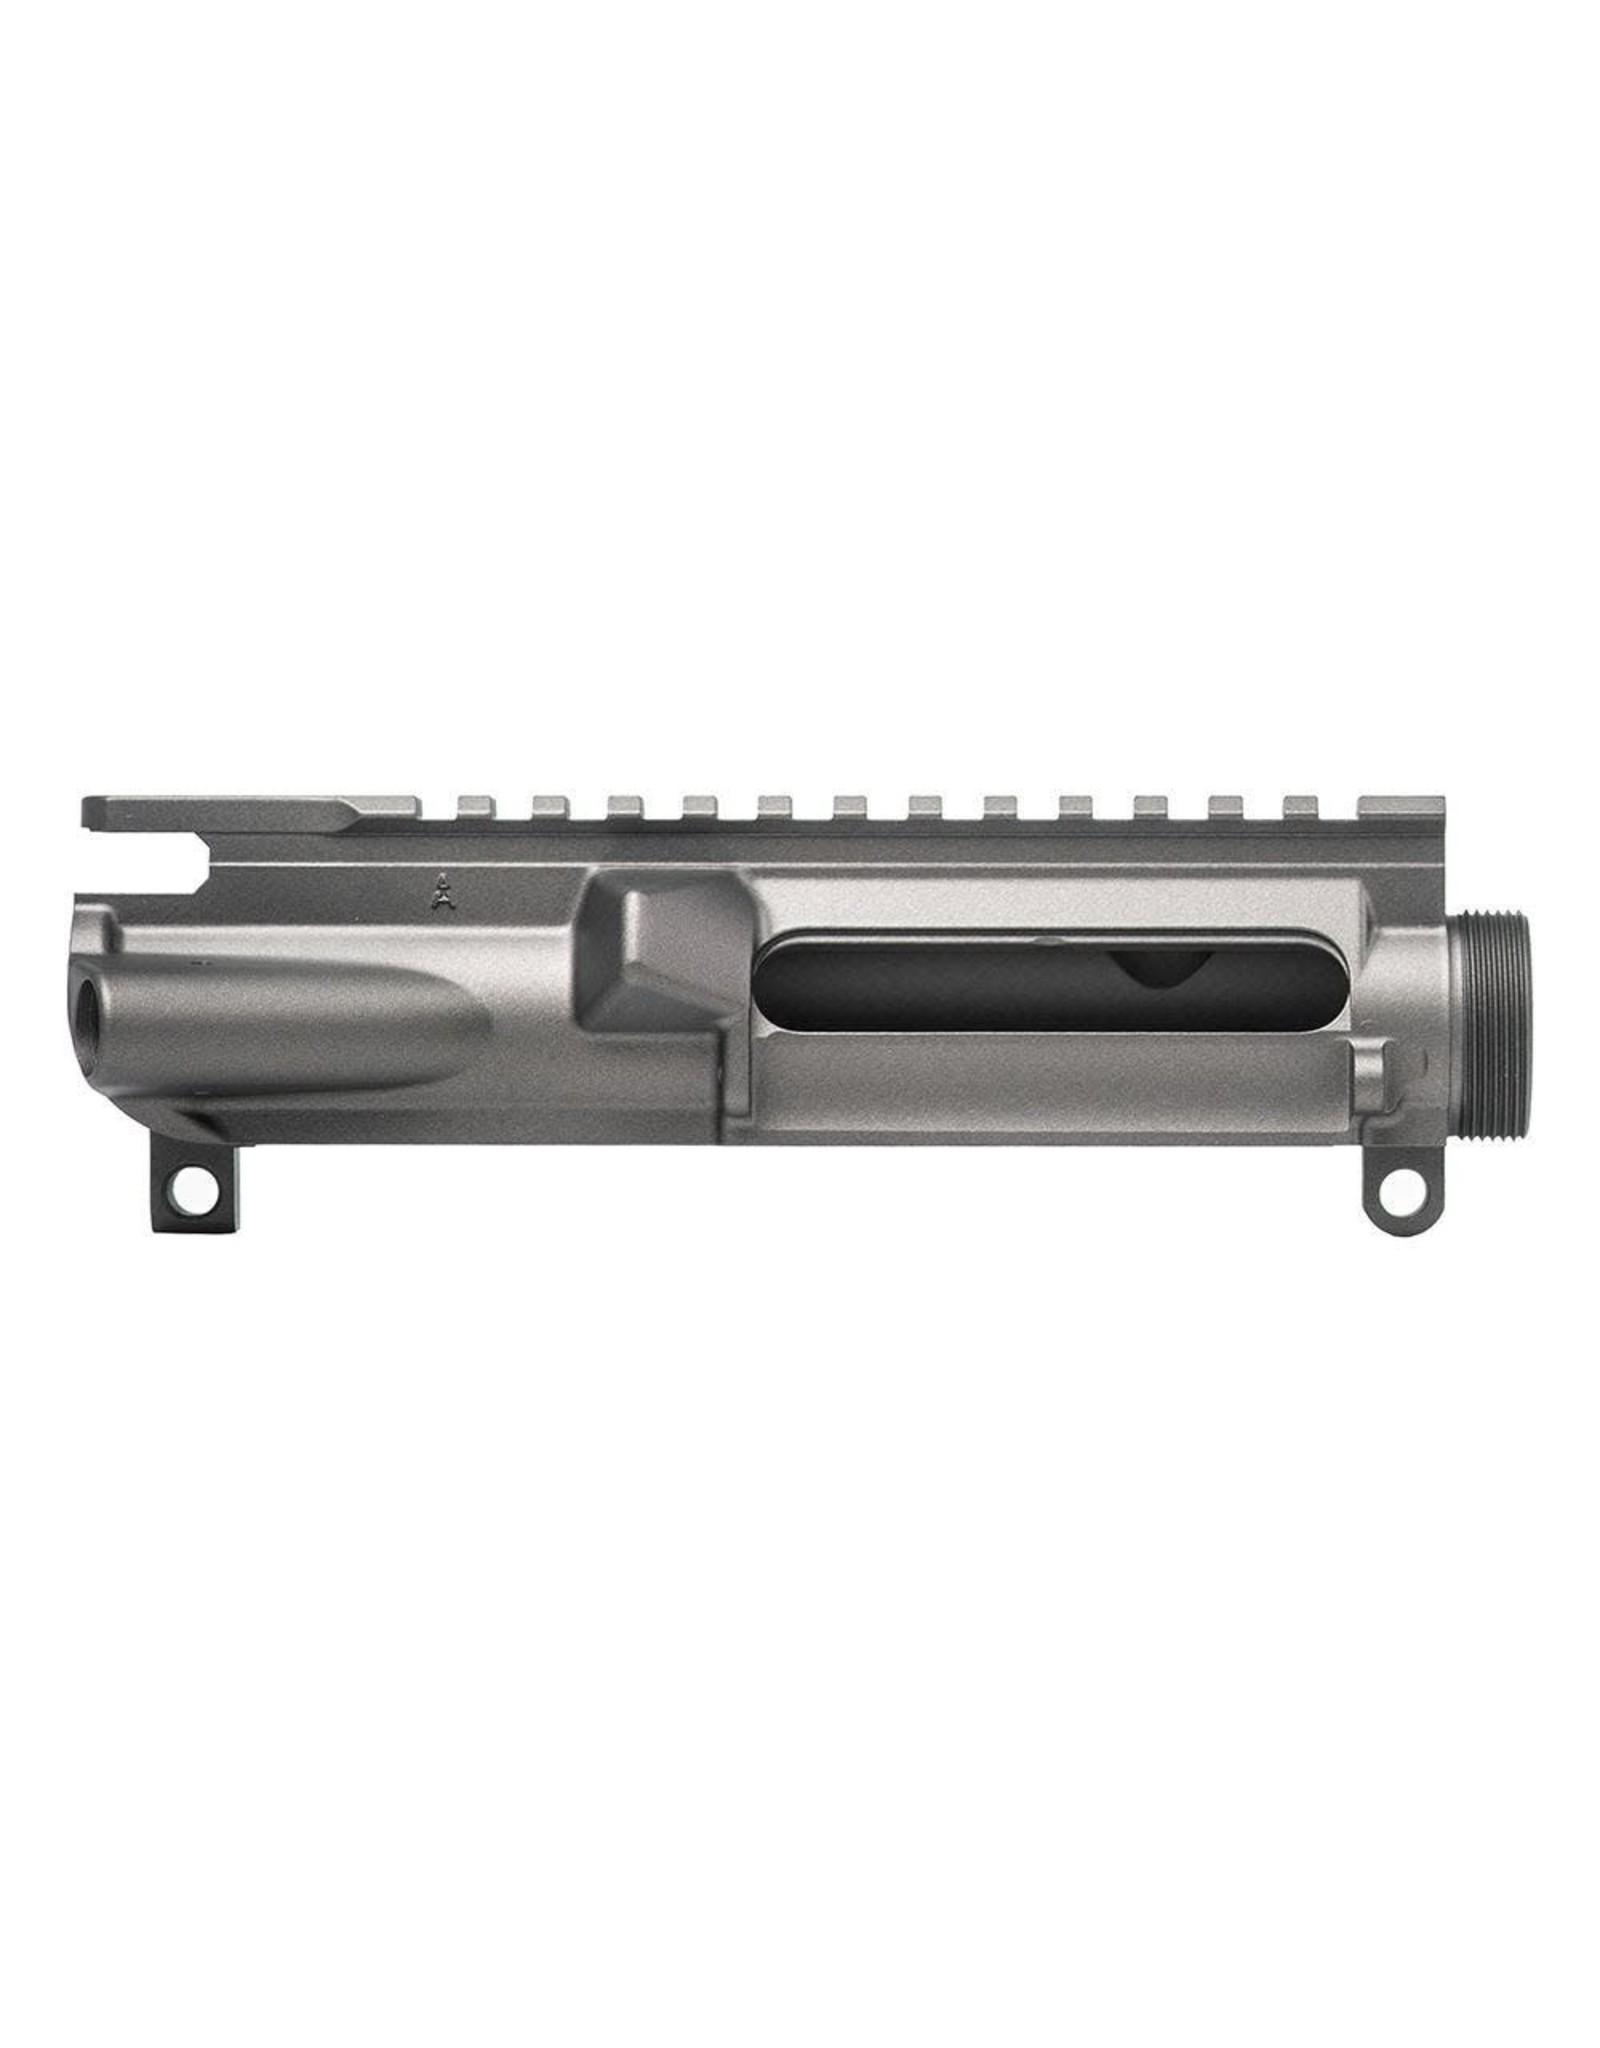 Aero Precision Aero Precisions AR15 Stripped Upper Receiver - Tungsten Cerakote